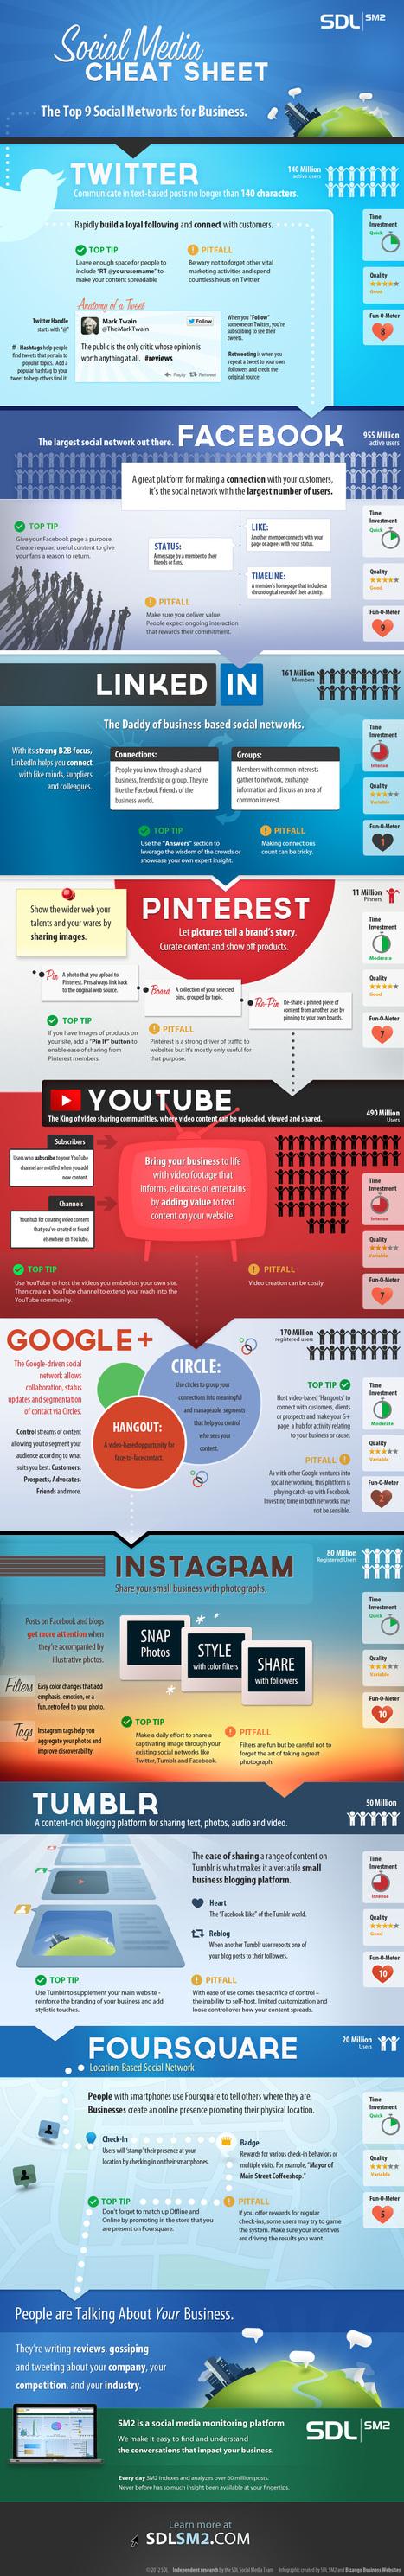 Las 9 Redes Sociales Más Importantes Para Las Empresas | Medio Social | Scoop.it